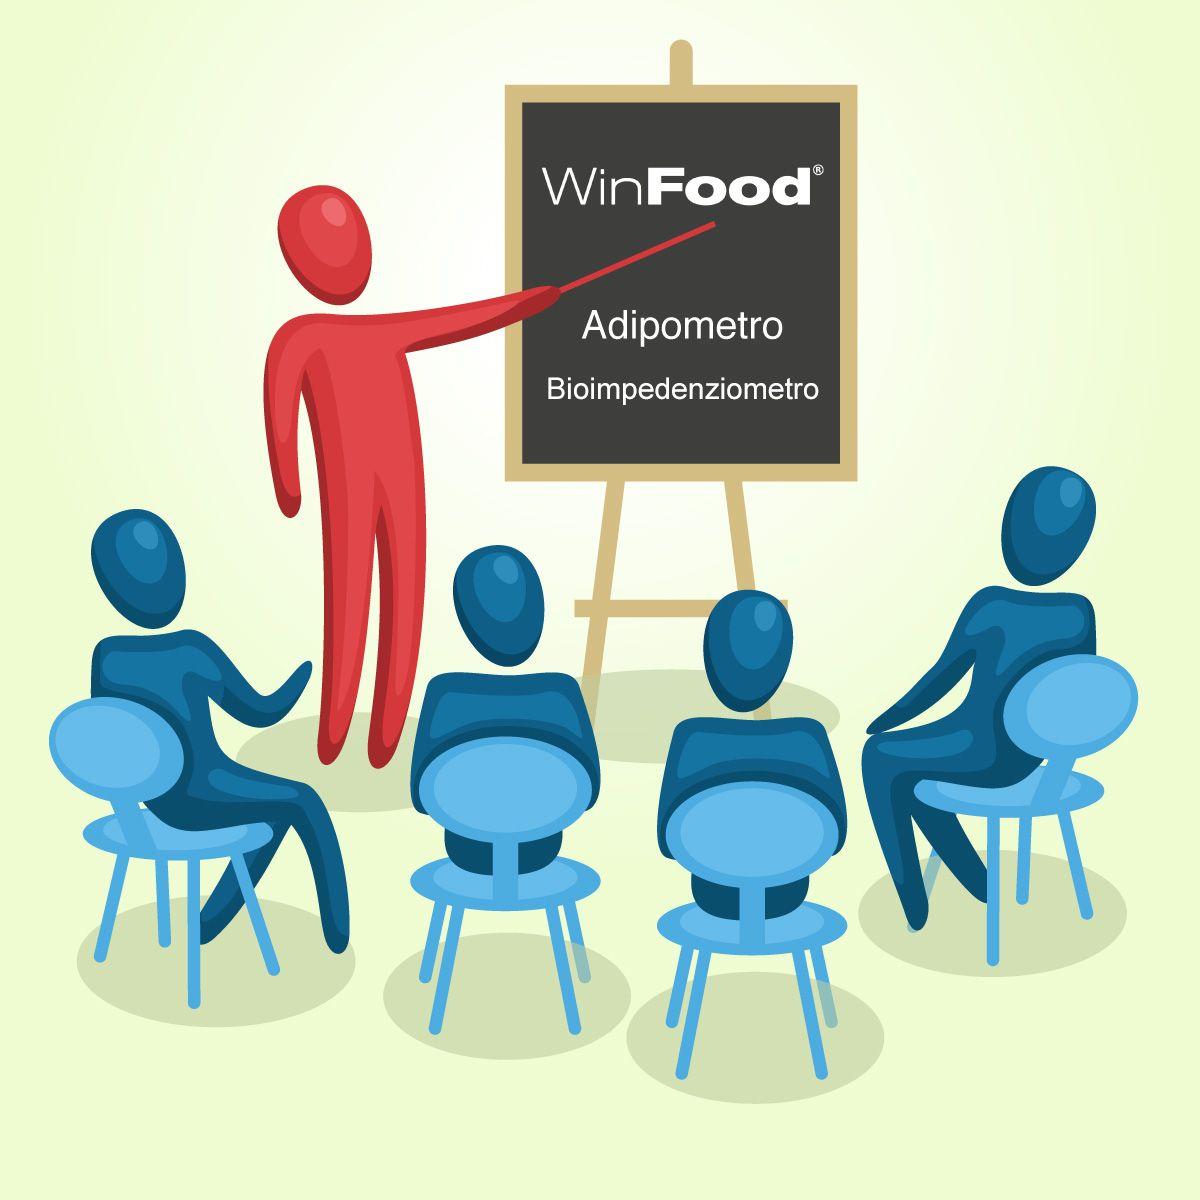 winfood corsi di formazione